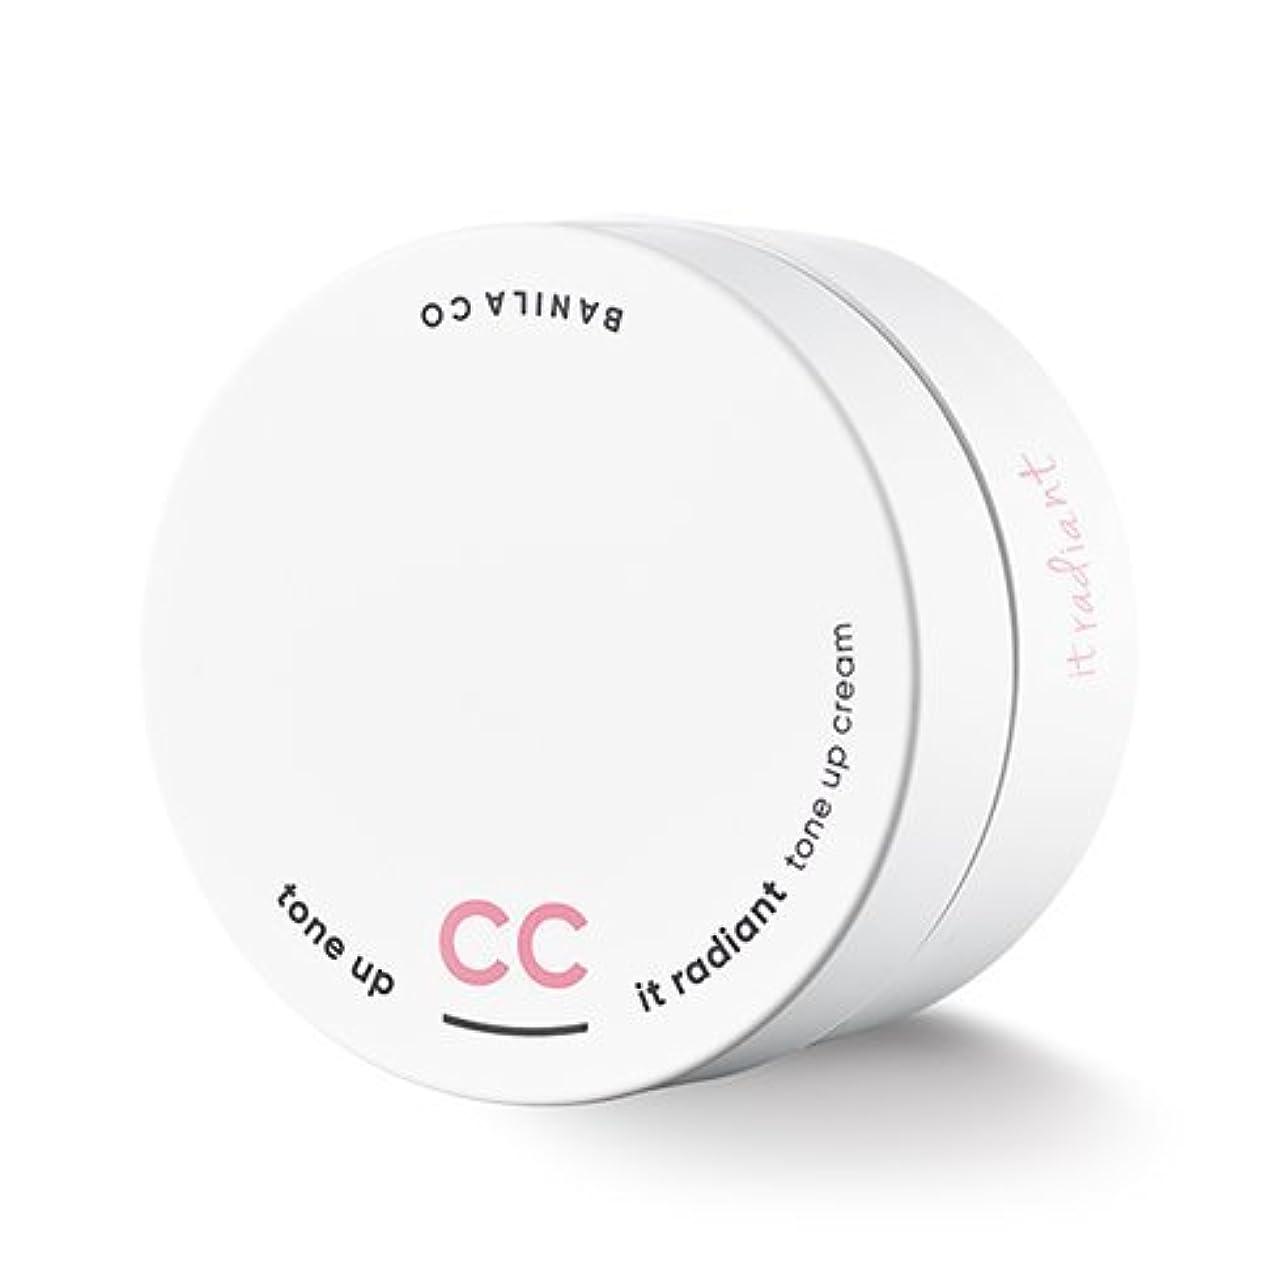 ナイロンクリケット社会BANILA CO It Radiant CC Tone Up Cream 50ml/バニラコ イット ラディアント CC トーンアップ クリーム 50ml [並行輸入品]